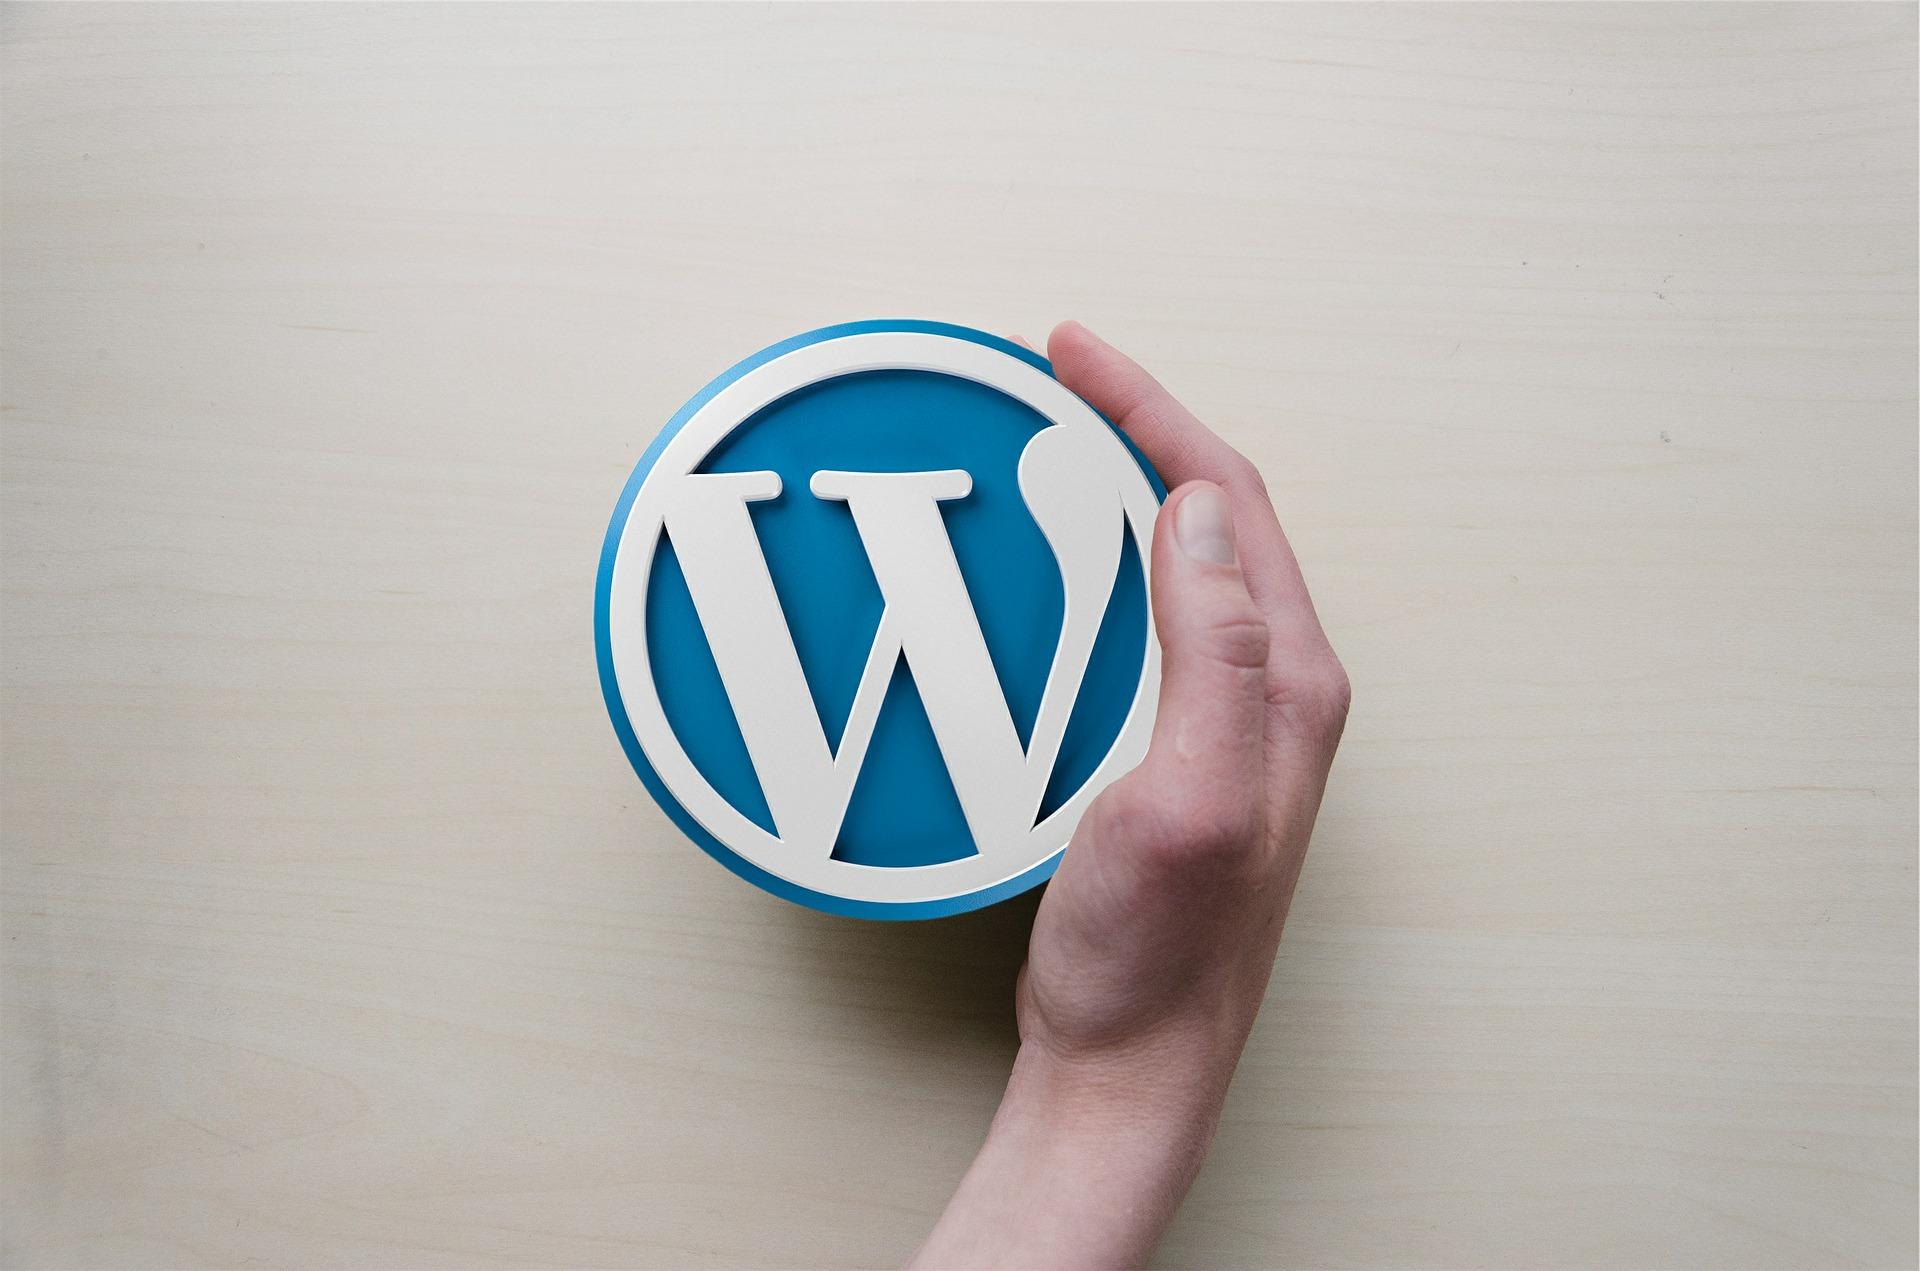 i4 Web SEO | Website Development, Design, SEO & More